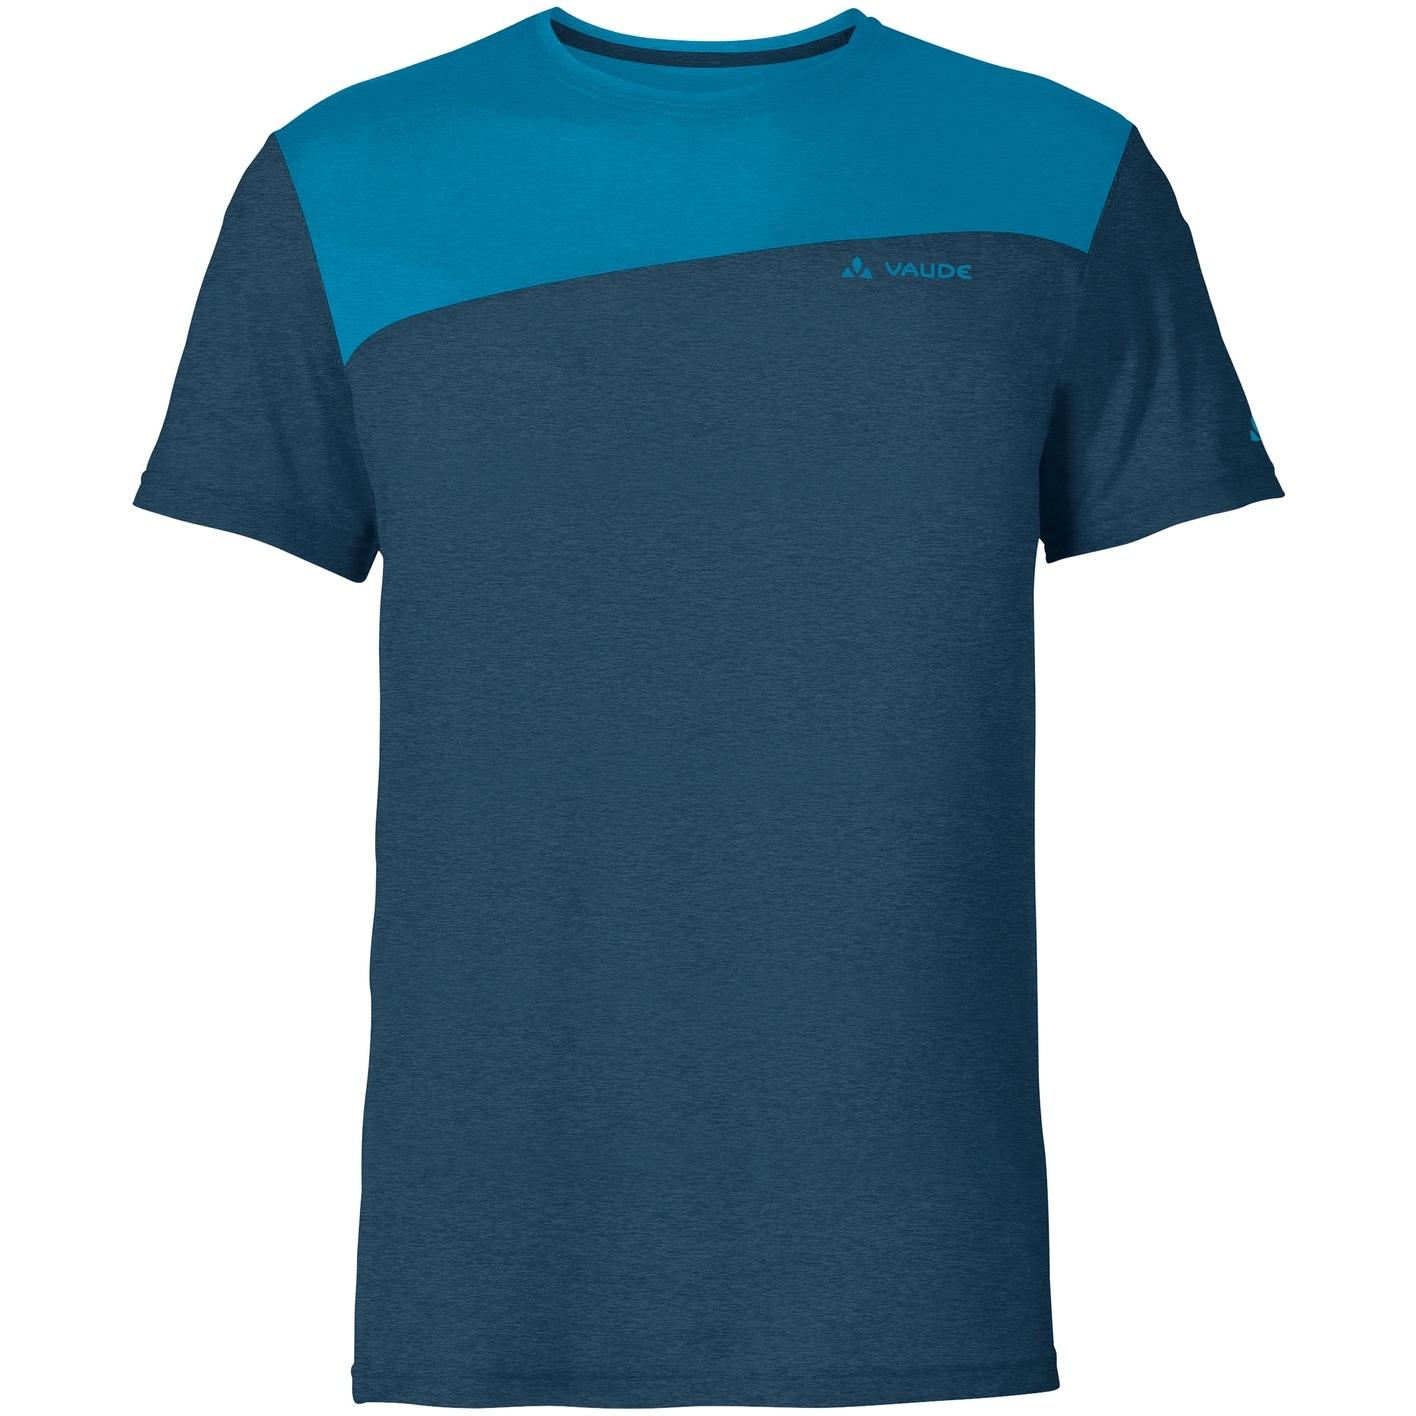 Vaude Sveit T-Shirt - atlantic